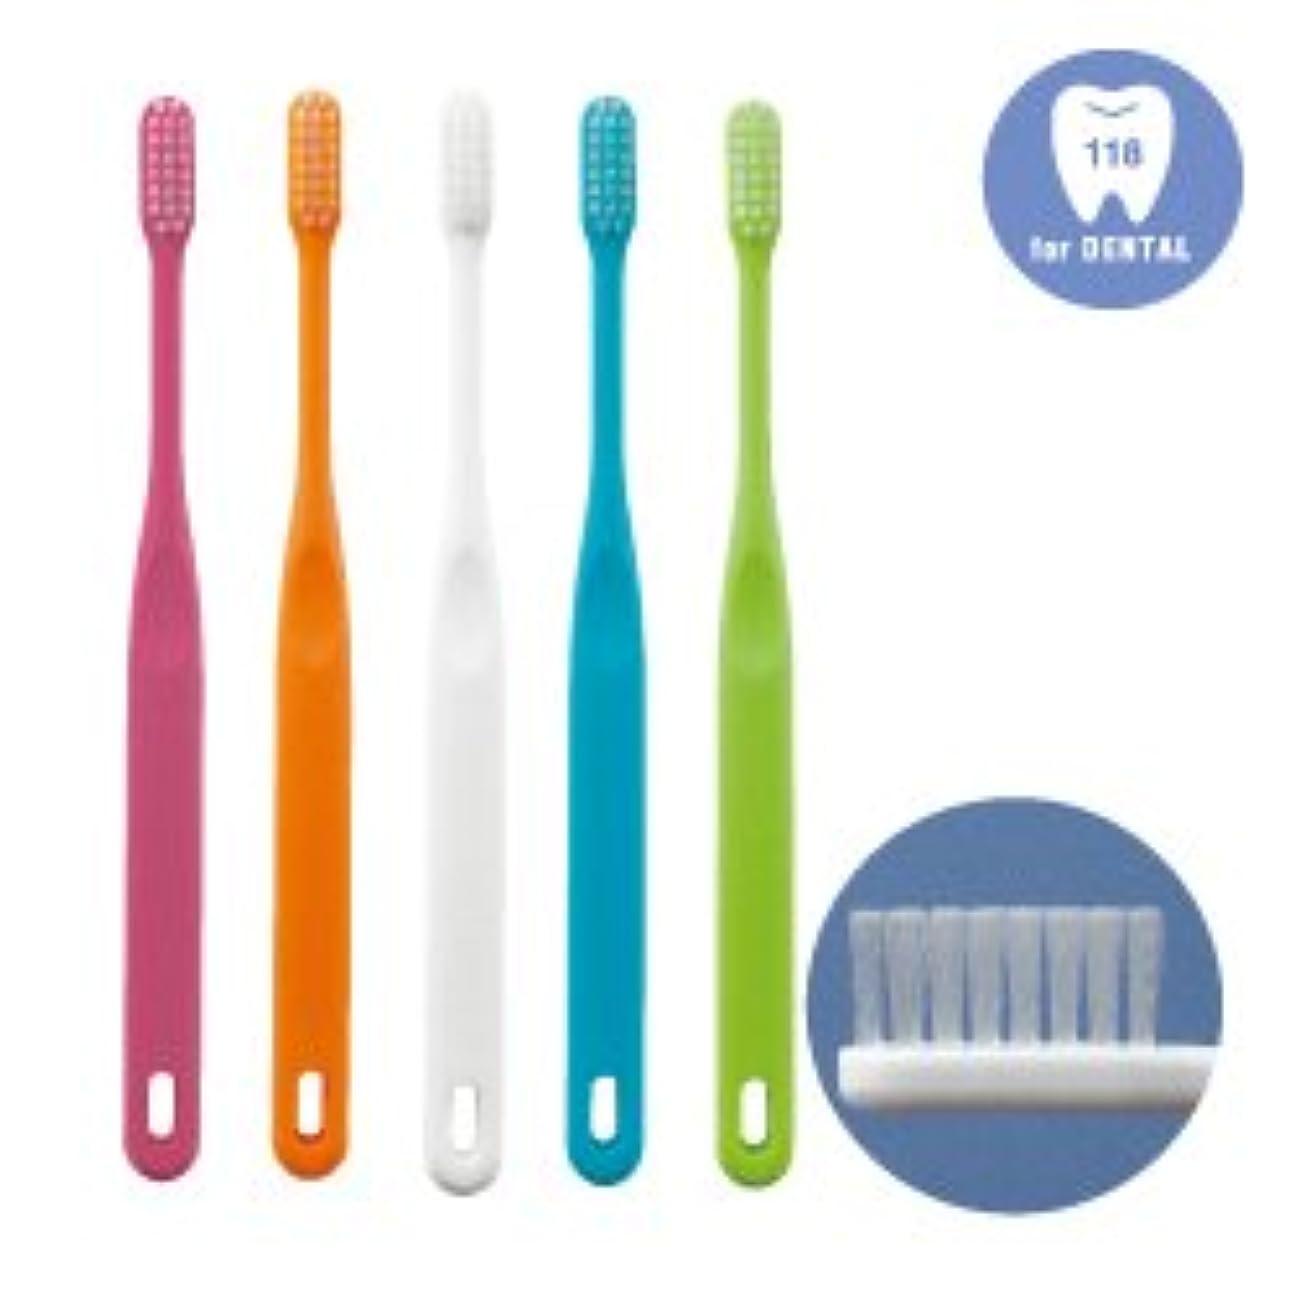 ピアさようなら動揺させる歯科専用歯ブラシ「118シリーズ」Advance(アドバンス)M(ふつう)25本